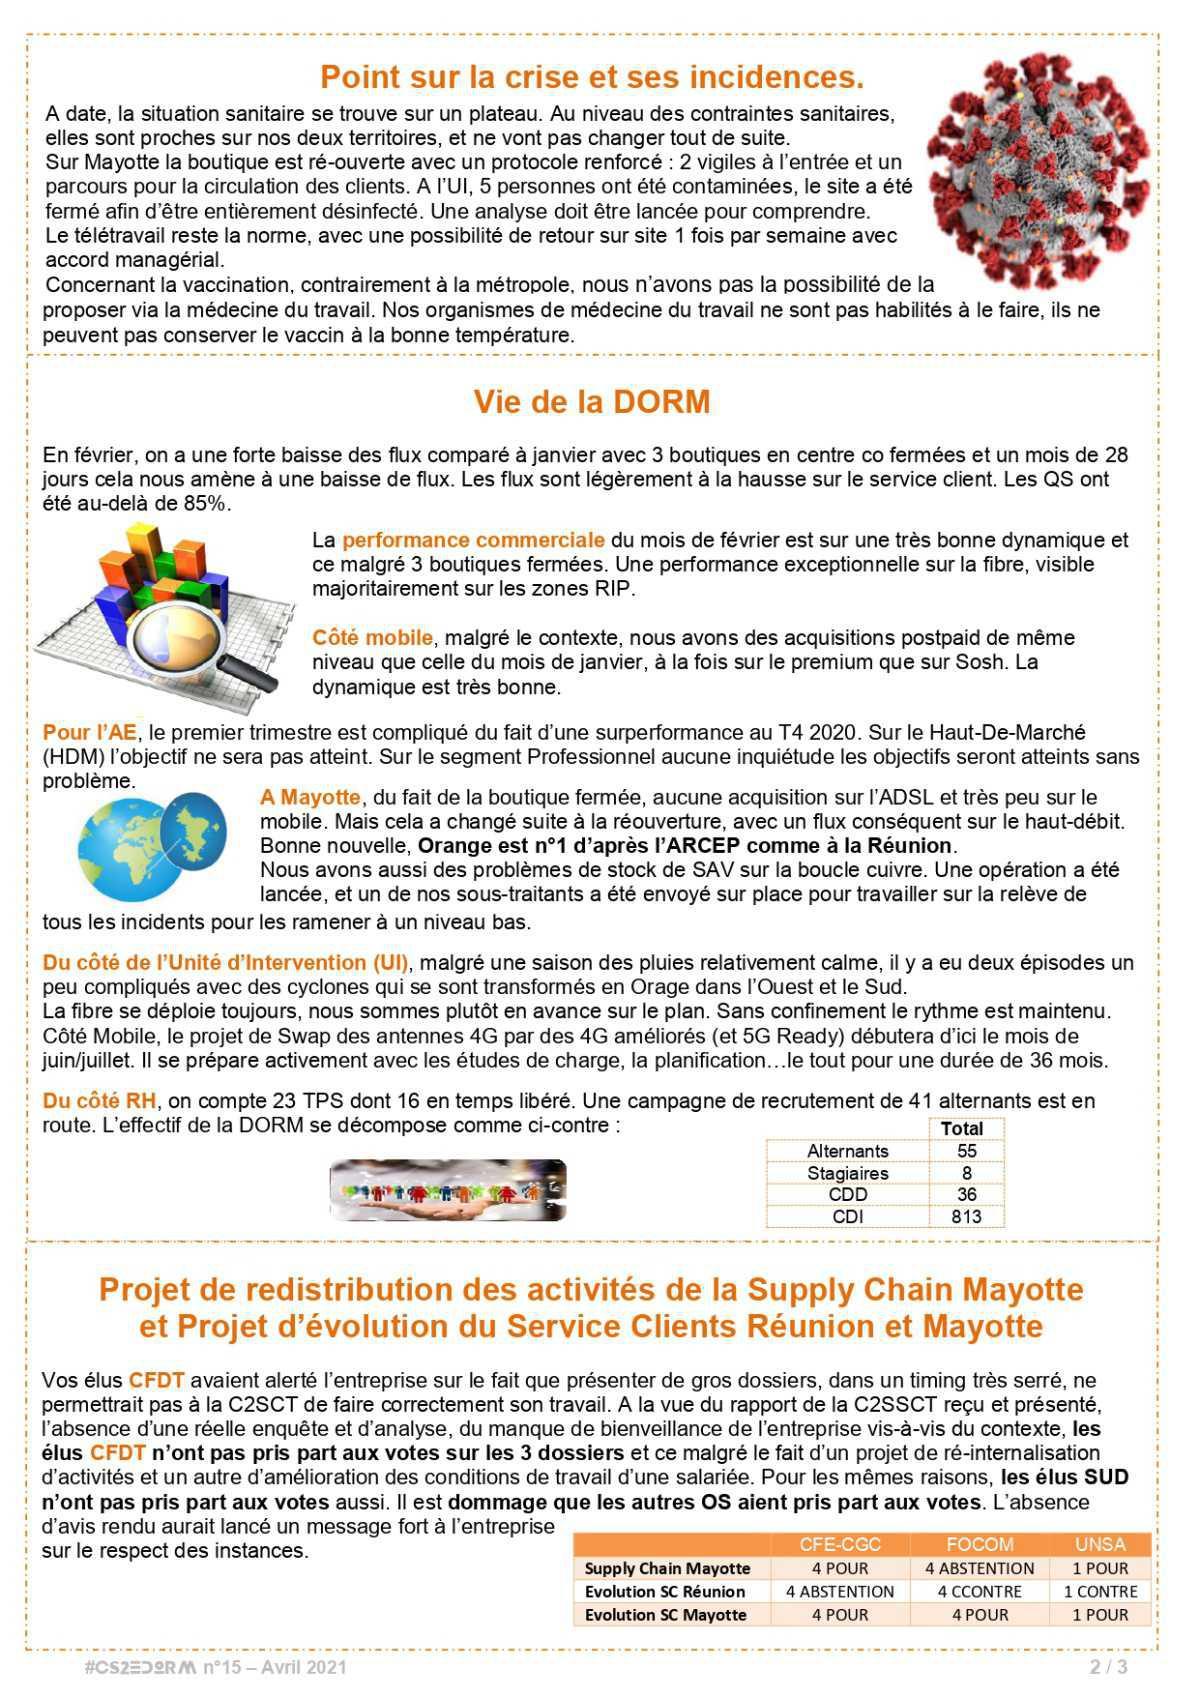 #CS2EDORM n°15 - CSEE des 25 et 26 mars 2021